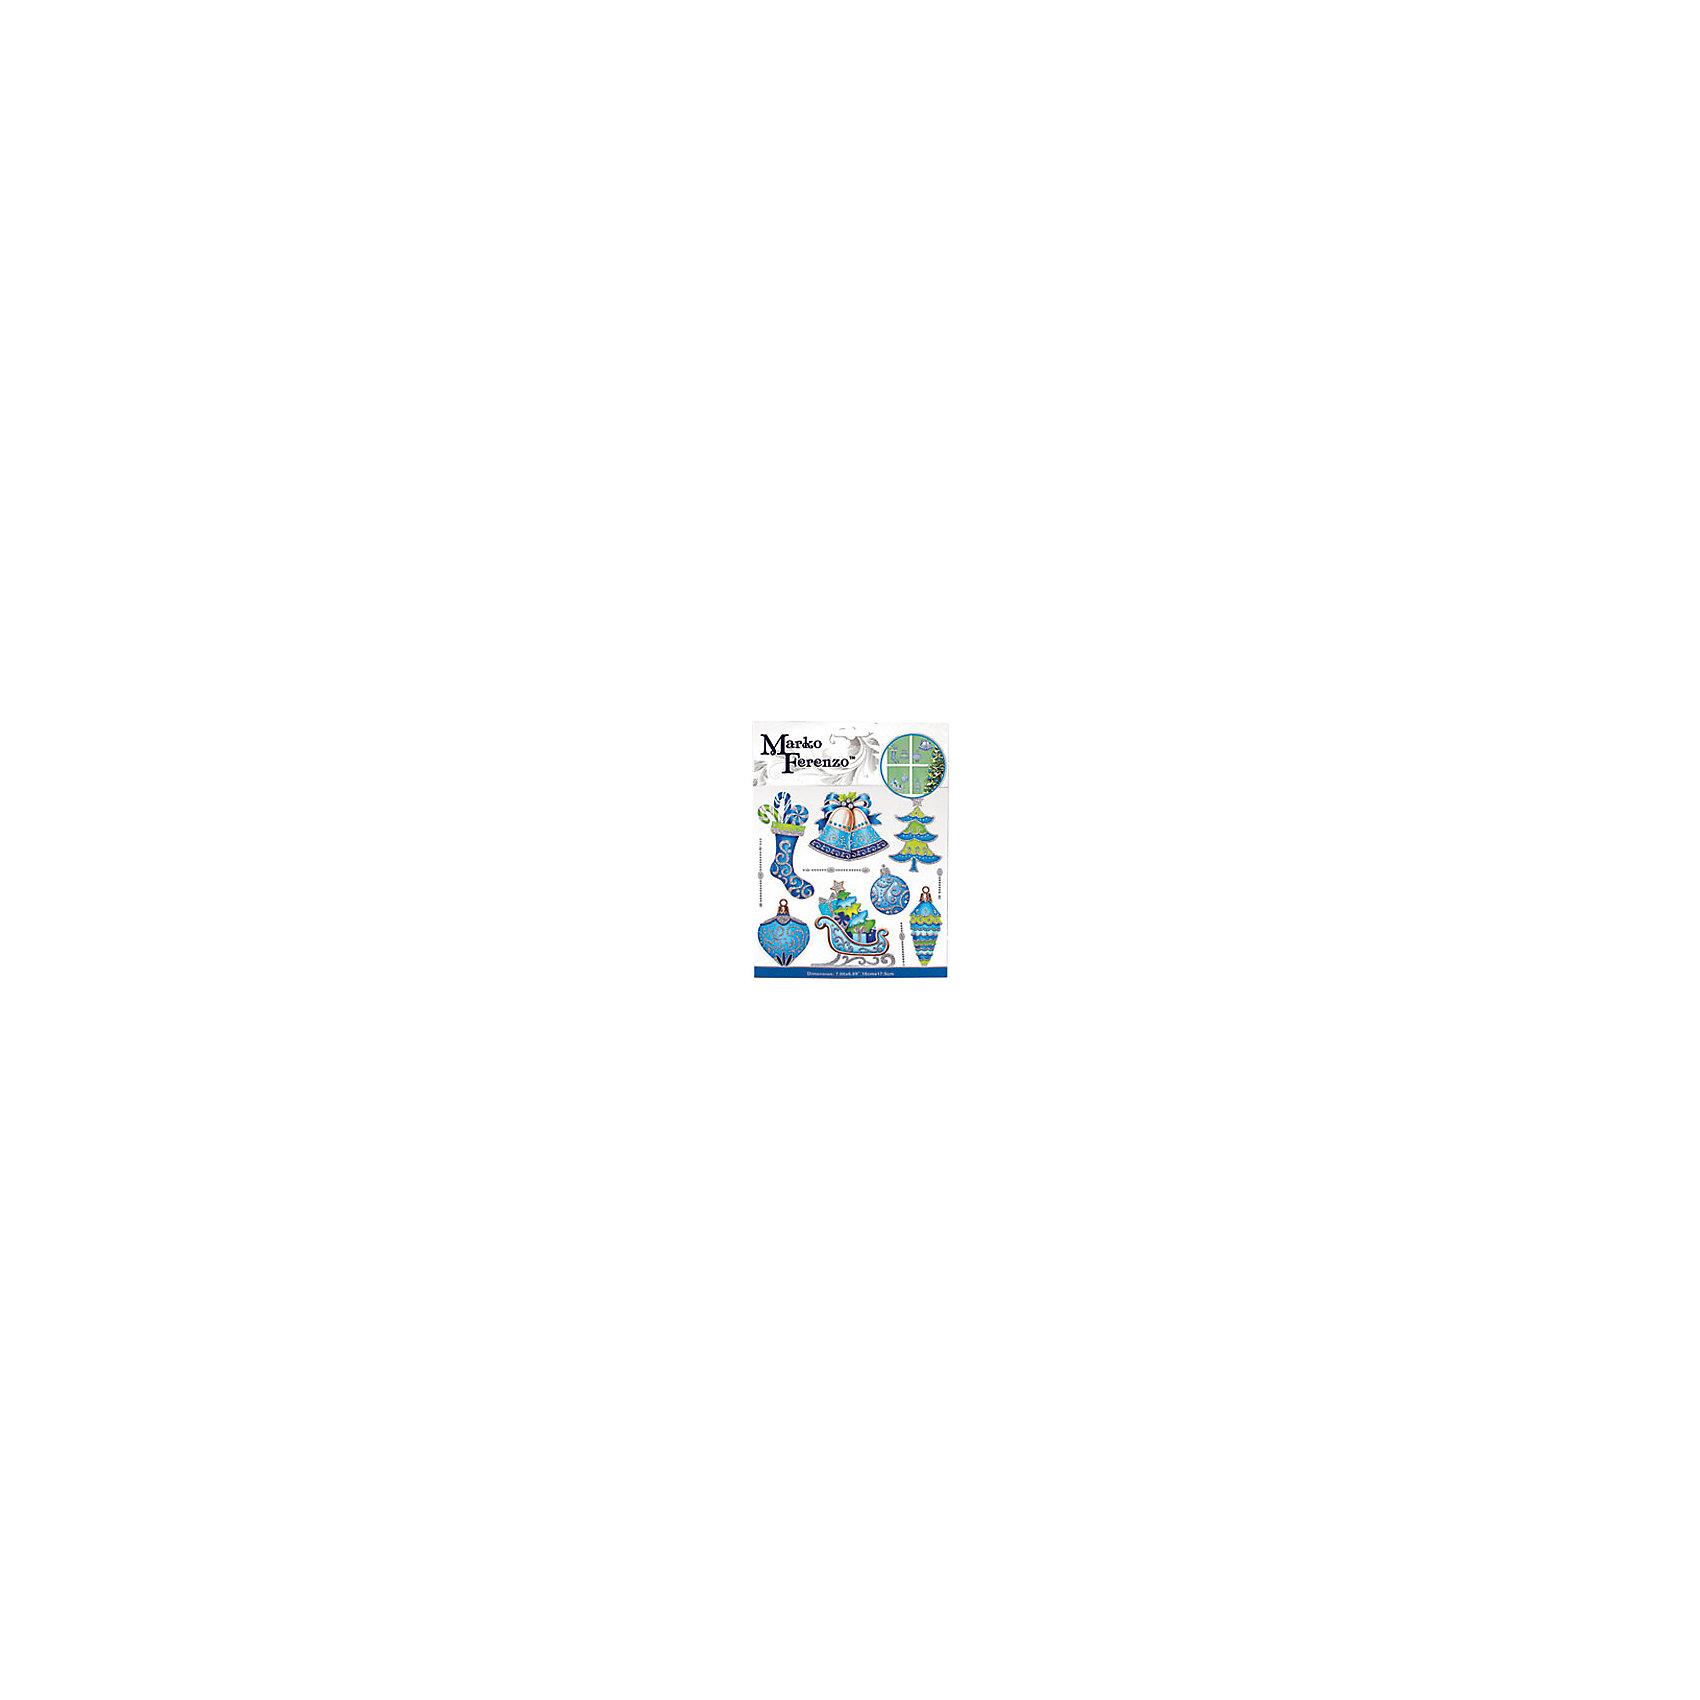 Наклейка Новогодние украшенияВсё для праздника<br>Наклейка Новогодние украшения – этот новогодний аксессуар создаст праздничную атмосферу.<br>Наклейка Новогодние украшения от Marko Ferenzo (Марко Ферензо) – это отличное украшение для декорирования стен, дверей и мебели. Наклейка поможет украсить ваш дом или офис и придаст им сказочный и волшебный вид. Устройте настоящий праздник. Пусть он сопровождает вас повсюду. Торговая марка «Marko Ferenzo» (Марко Ферензо) – это стиль, красочность, оригинальность и качество, которому можно доверять!<br><br>Дополнительная информация:<br><br>- Размер упаковки: 24x18,5 см.<br>- Вес: 34 гр.<br><br>Наклейку Новогодние украшения можно купить в нашем интернет-магазине.<br><br>Ширина мм: 240<br>Глубина мм: 185<br>Высота мм: 3<br>Вес г: 34<br>Возраст от месяцев: 36<br>Возраст до месяцев: 2147483647<br>Пол: Унисекс<br>Возраст: Детский<br>SKU: 4319564